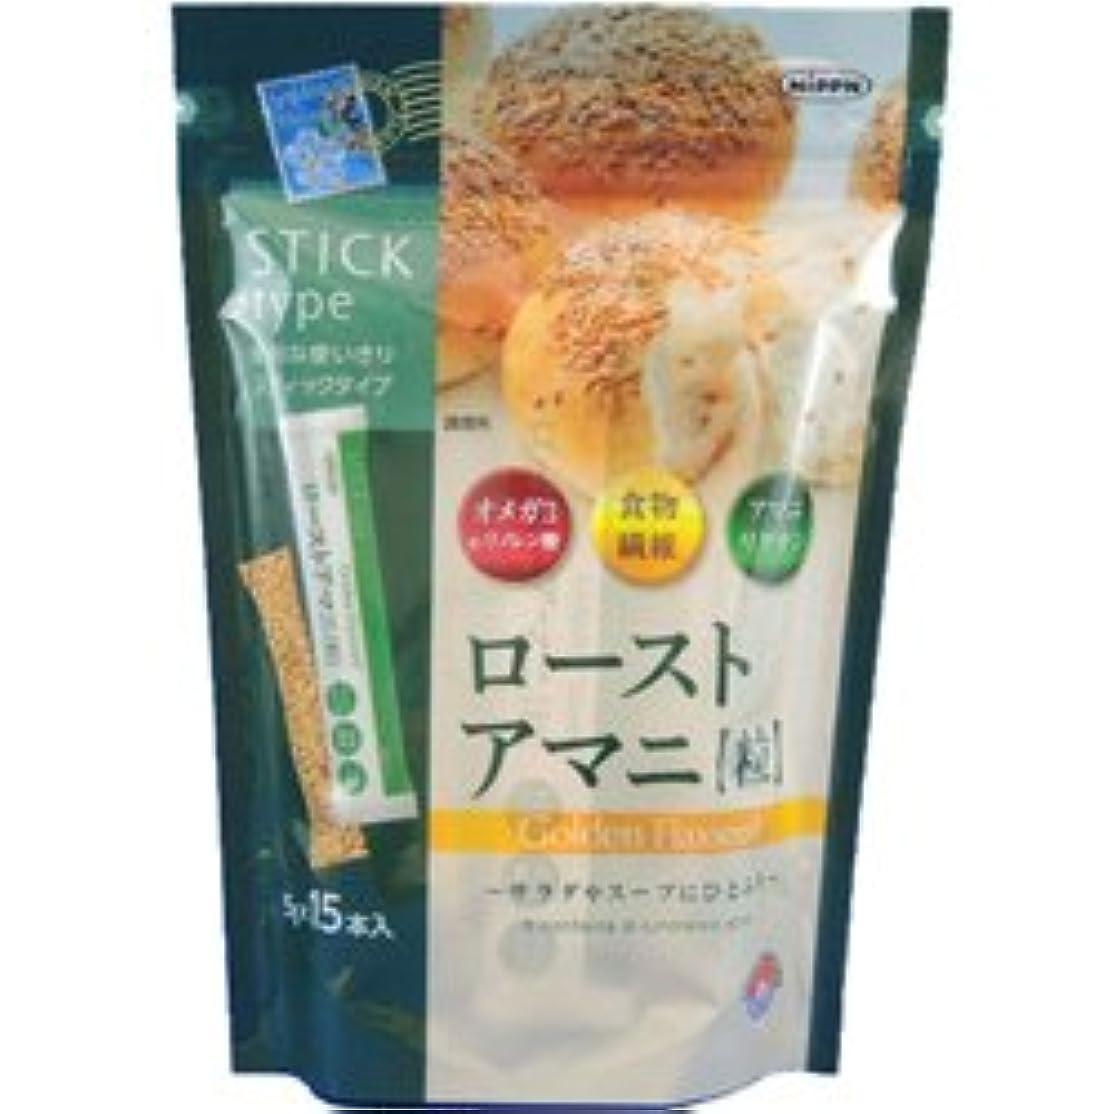 陰気ボンド厳しい【日本製粉】ローストアマニ粒 75g ×20個セット